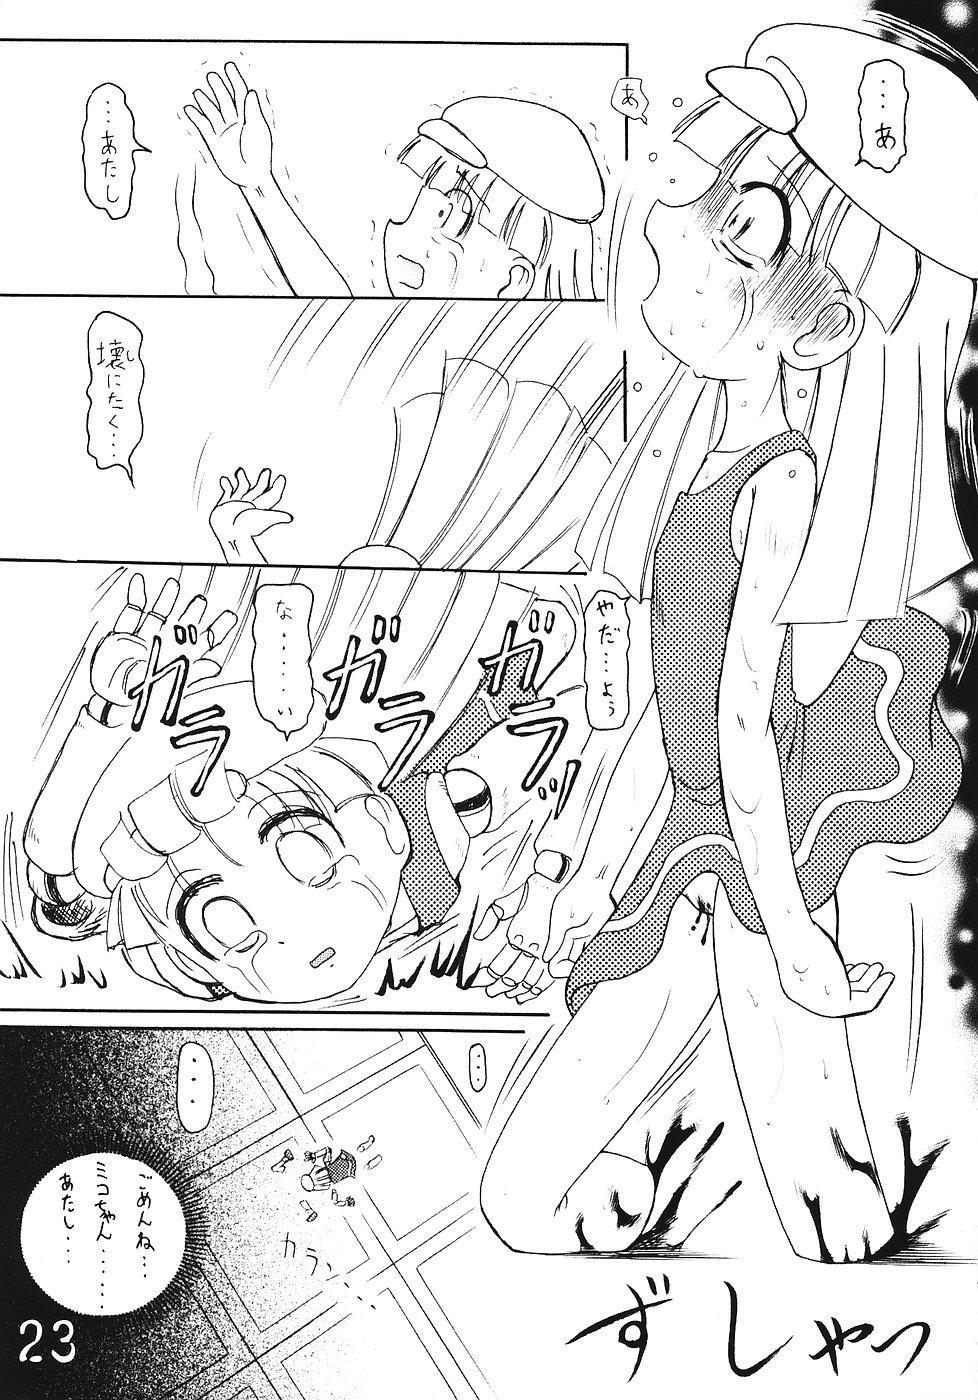 Tsurupeta Kenkyuusho Houkokusho 21